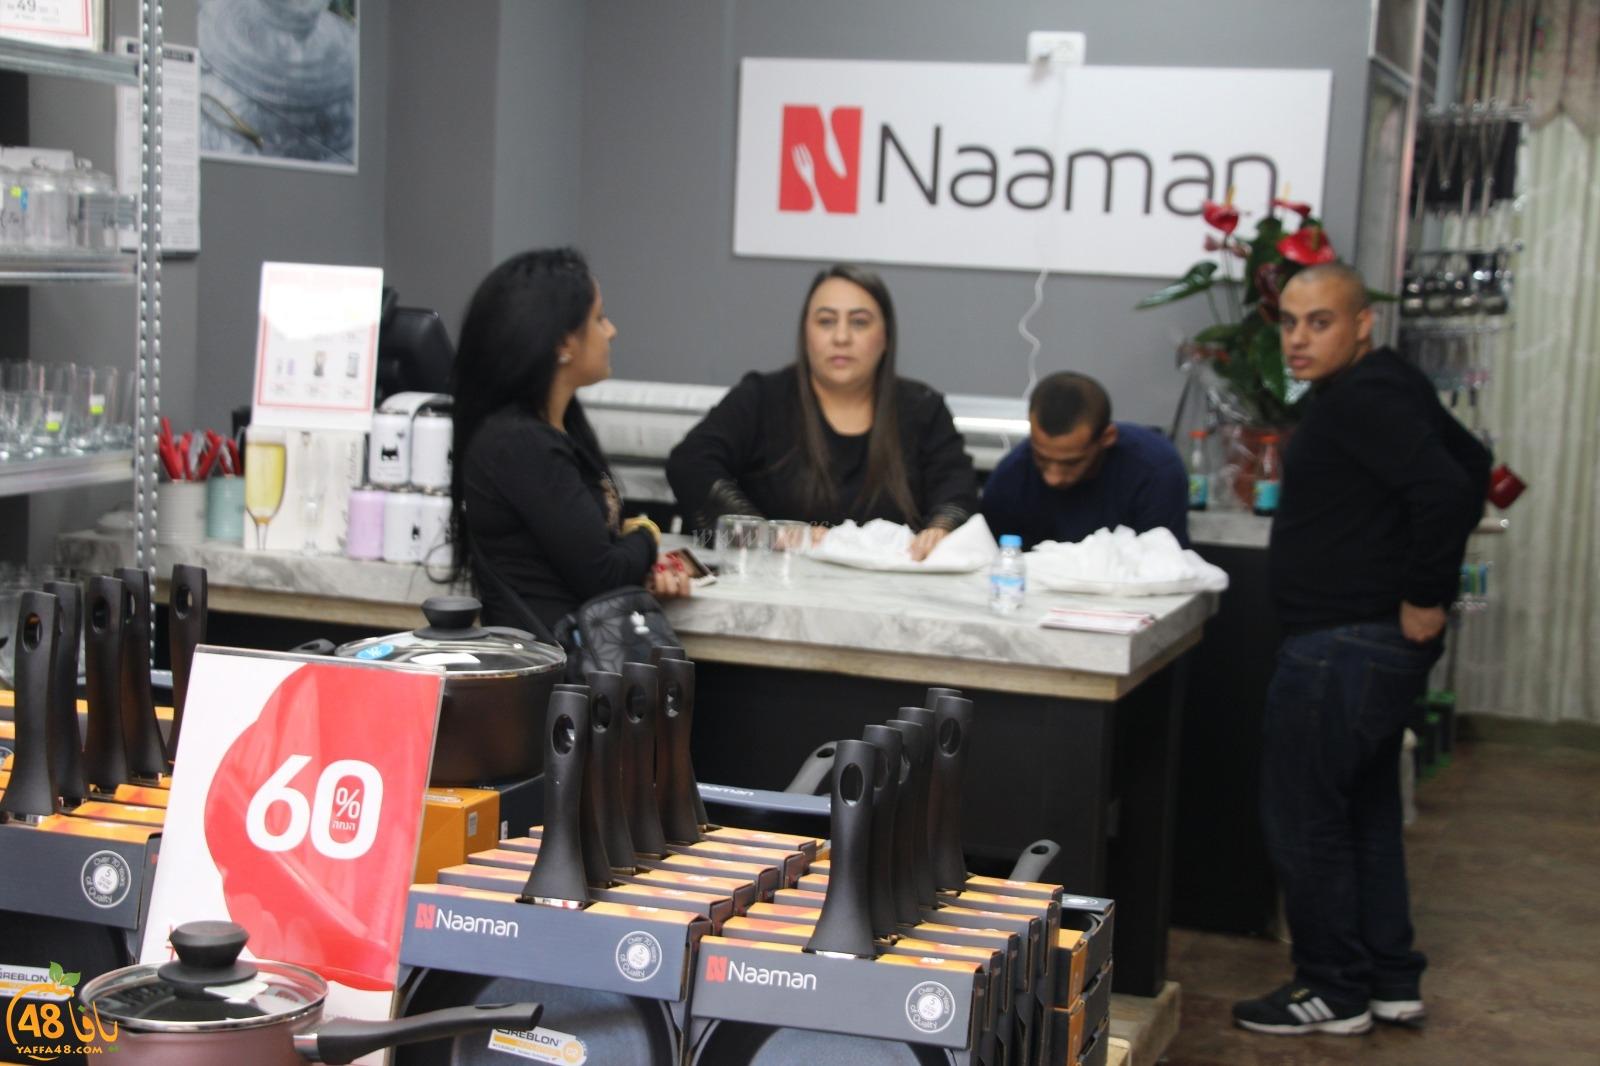 بالصور: افتتاح فرع جديد لمحلات نعمان للأدوات المنزلية بيافا وحملة تخفيضات